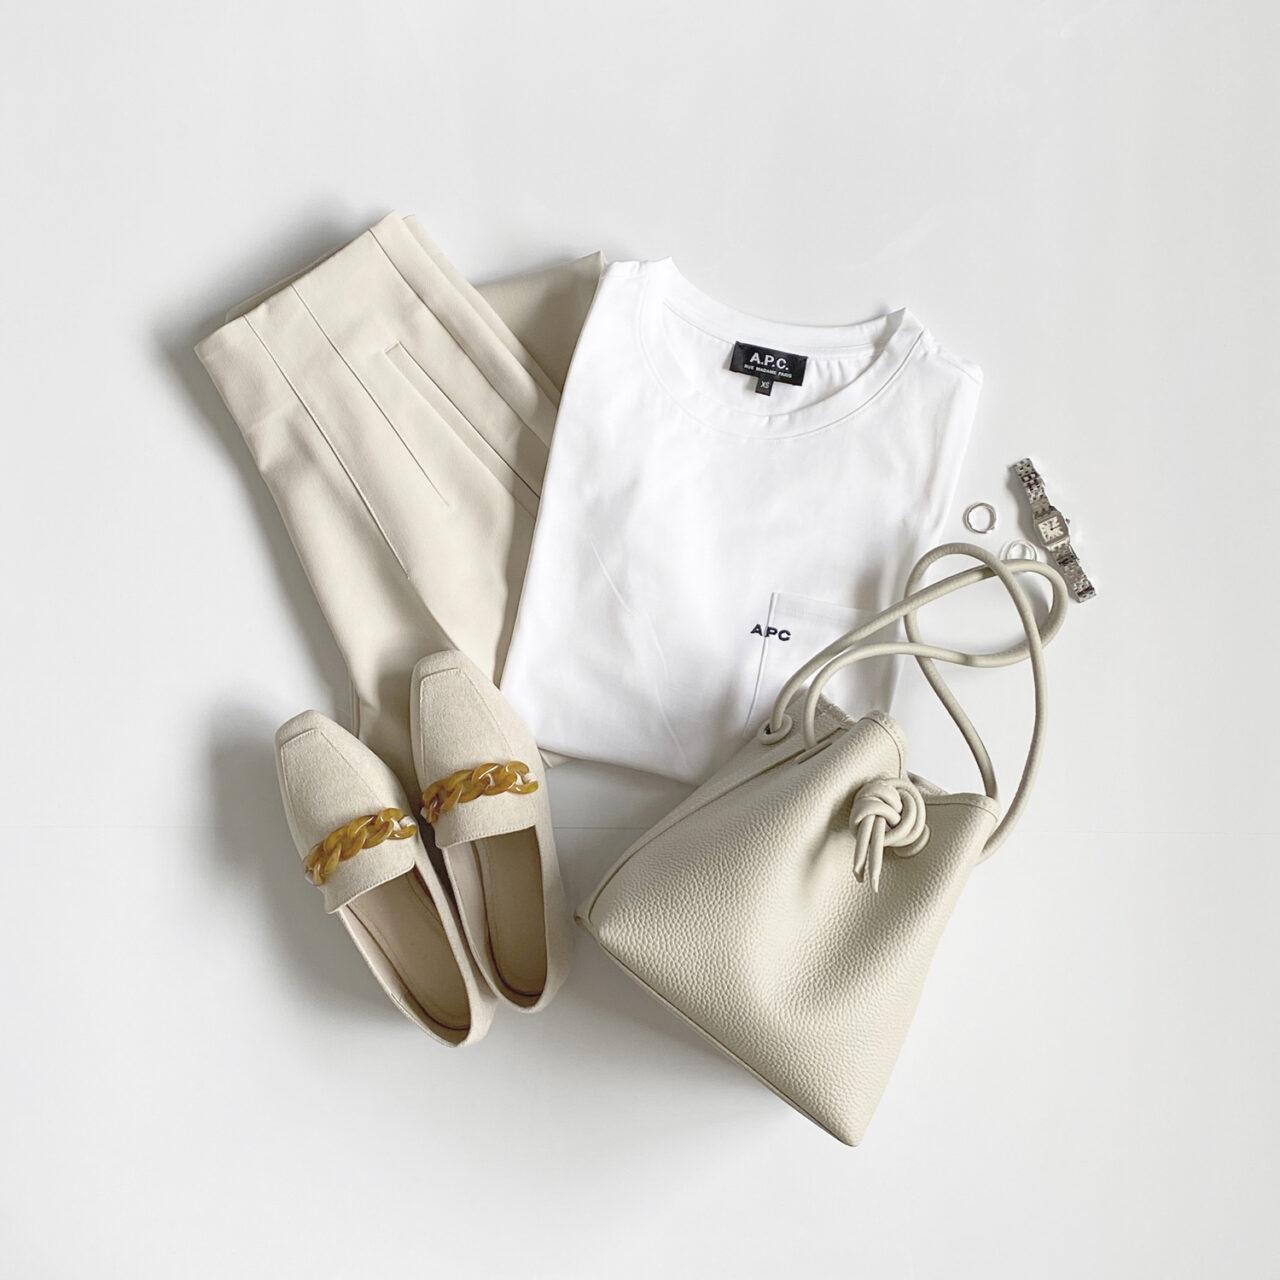 バッグ、靴、Tシャツなど白い服や小物が並んでおかれている